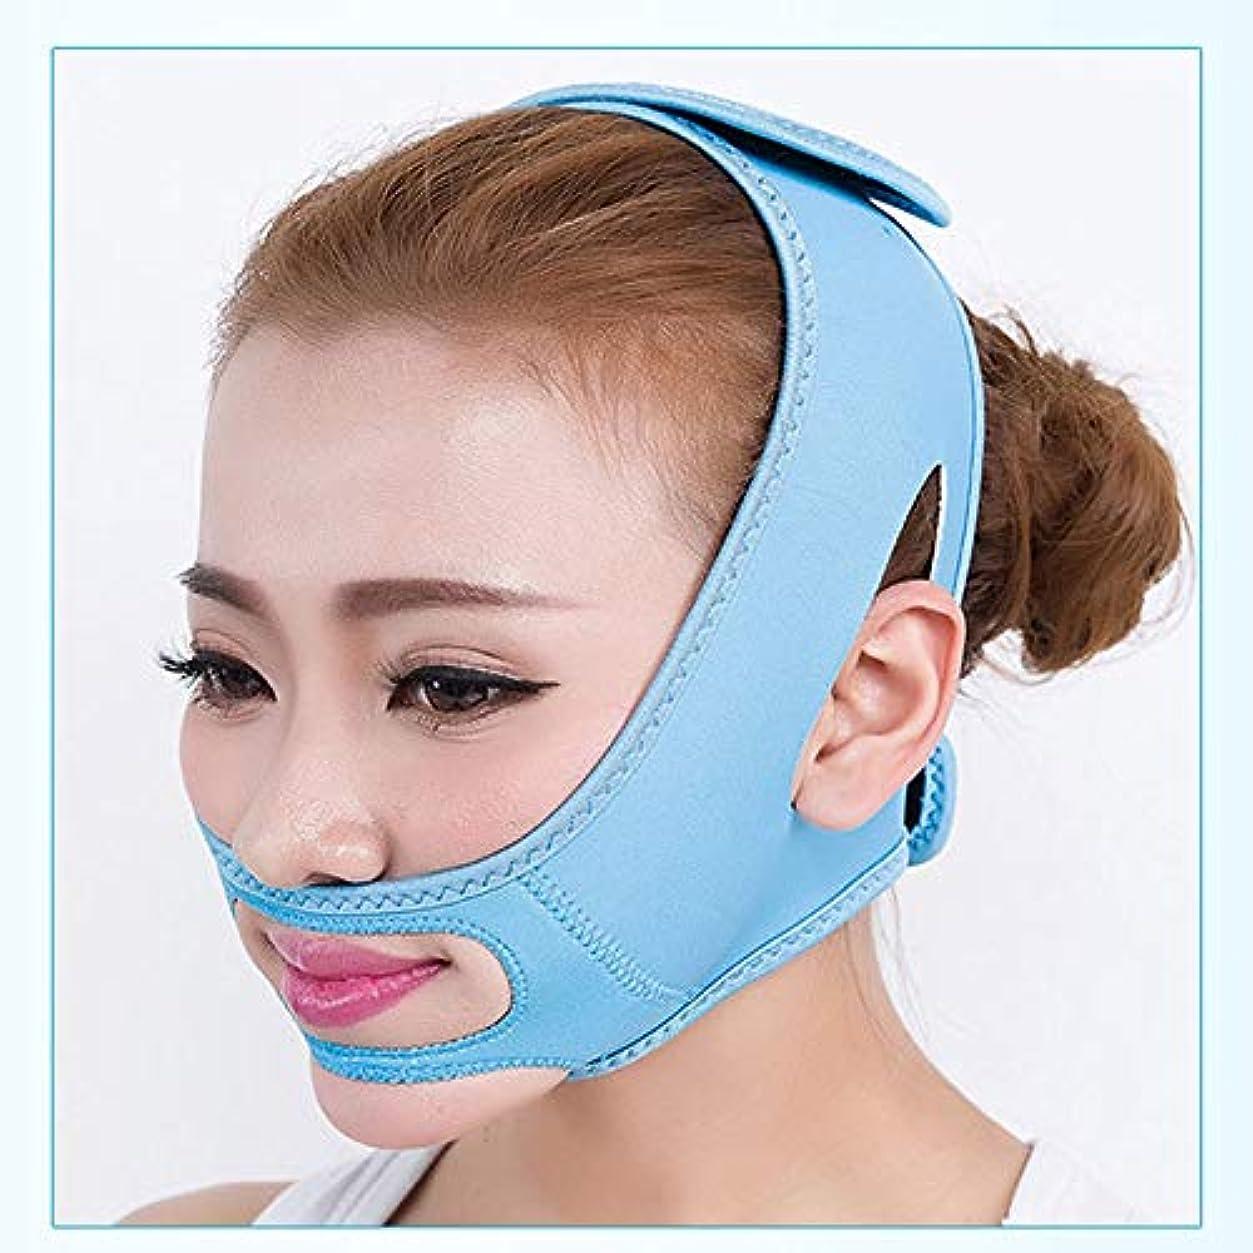 文芸マイナー自動化スモールVフェイス睡眠薄い顔ベルト、引き締めと薄い顔の強力な持ち上がる二重あご顔修正包帯,Blue